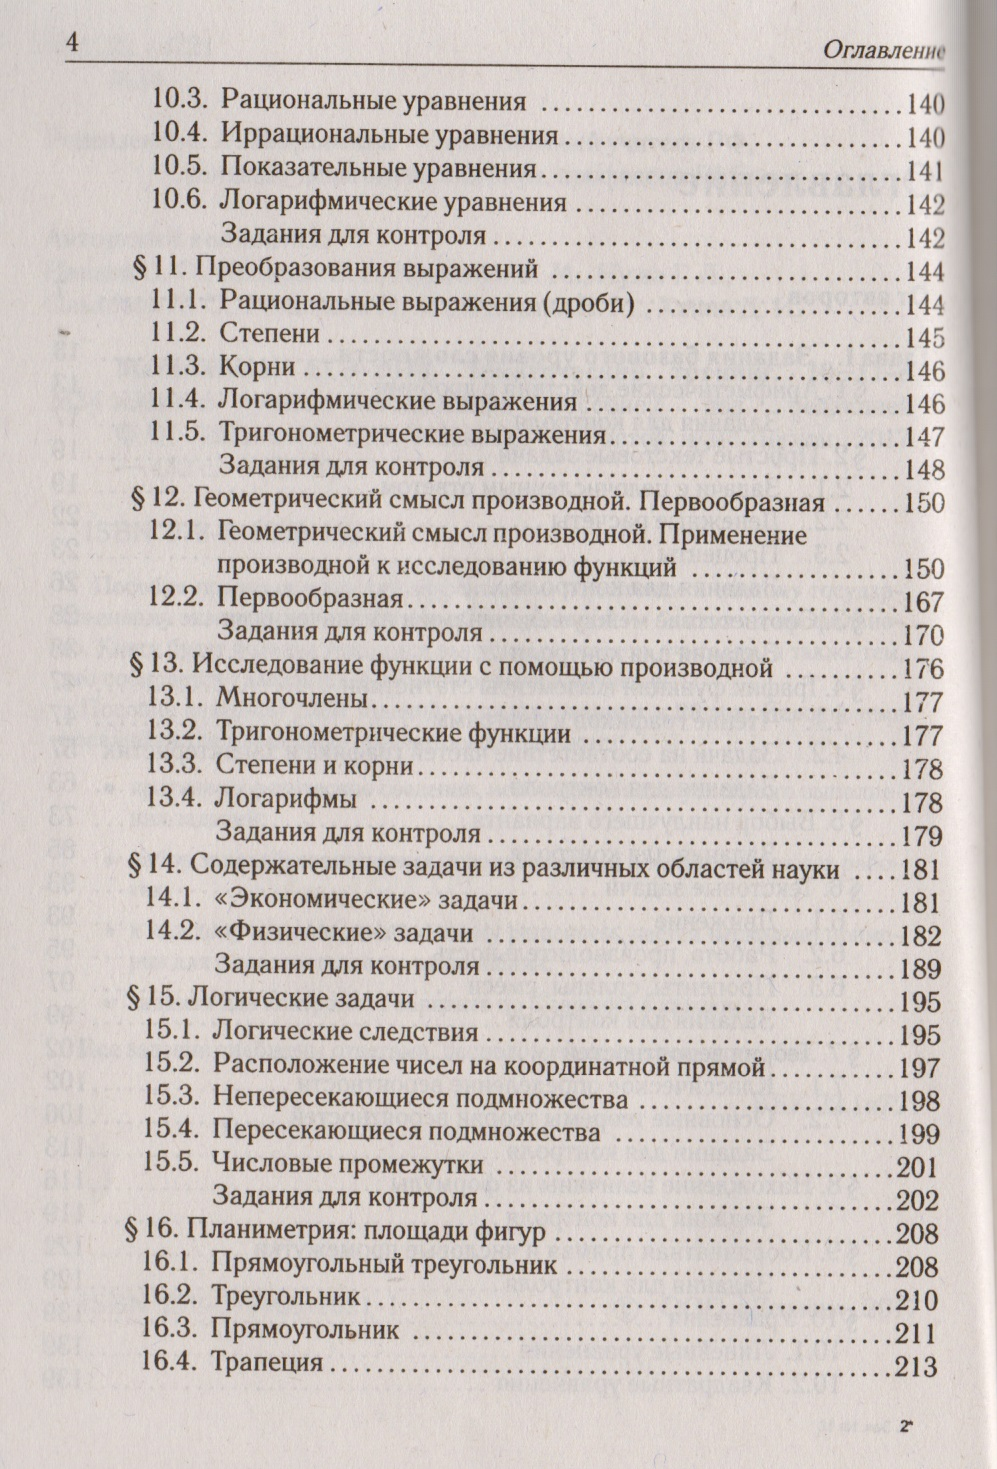 Решение 14 варианта математика ф.ф.лысенко 9 класс 2018 год